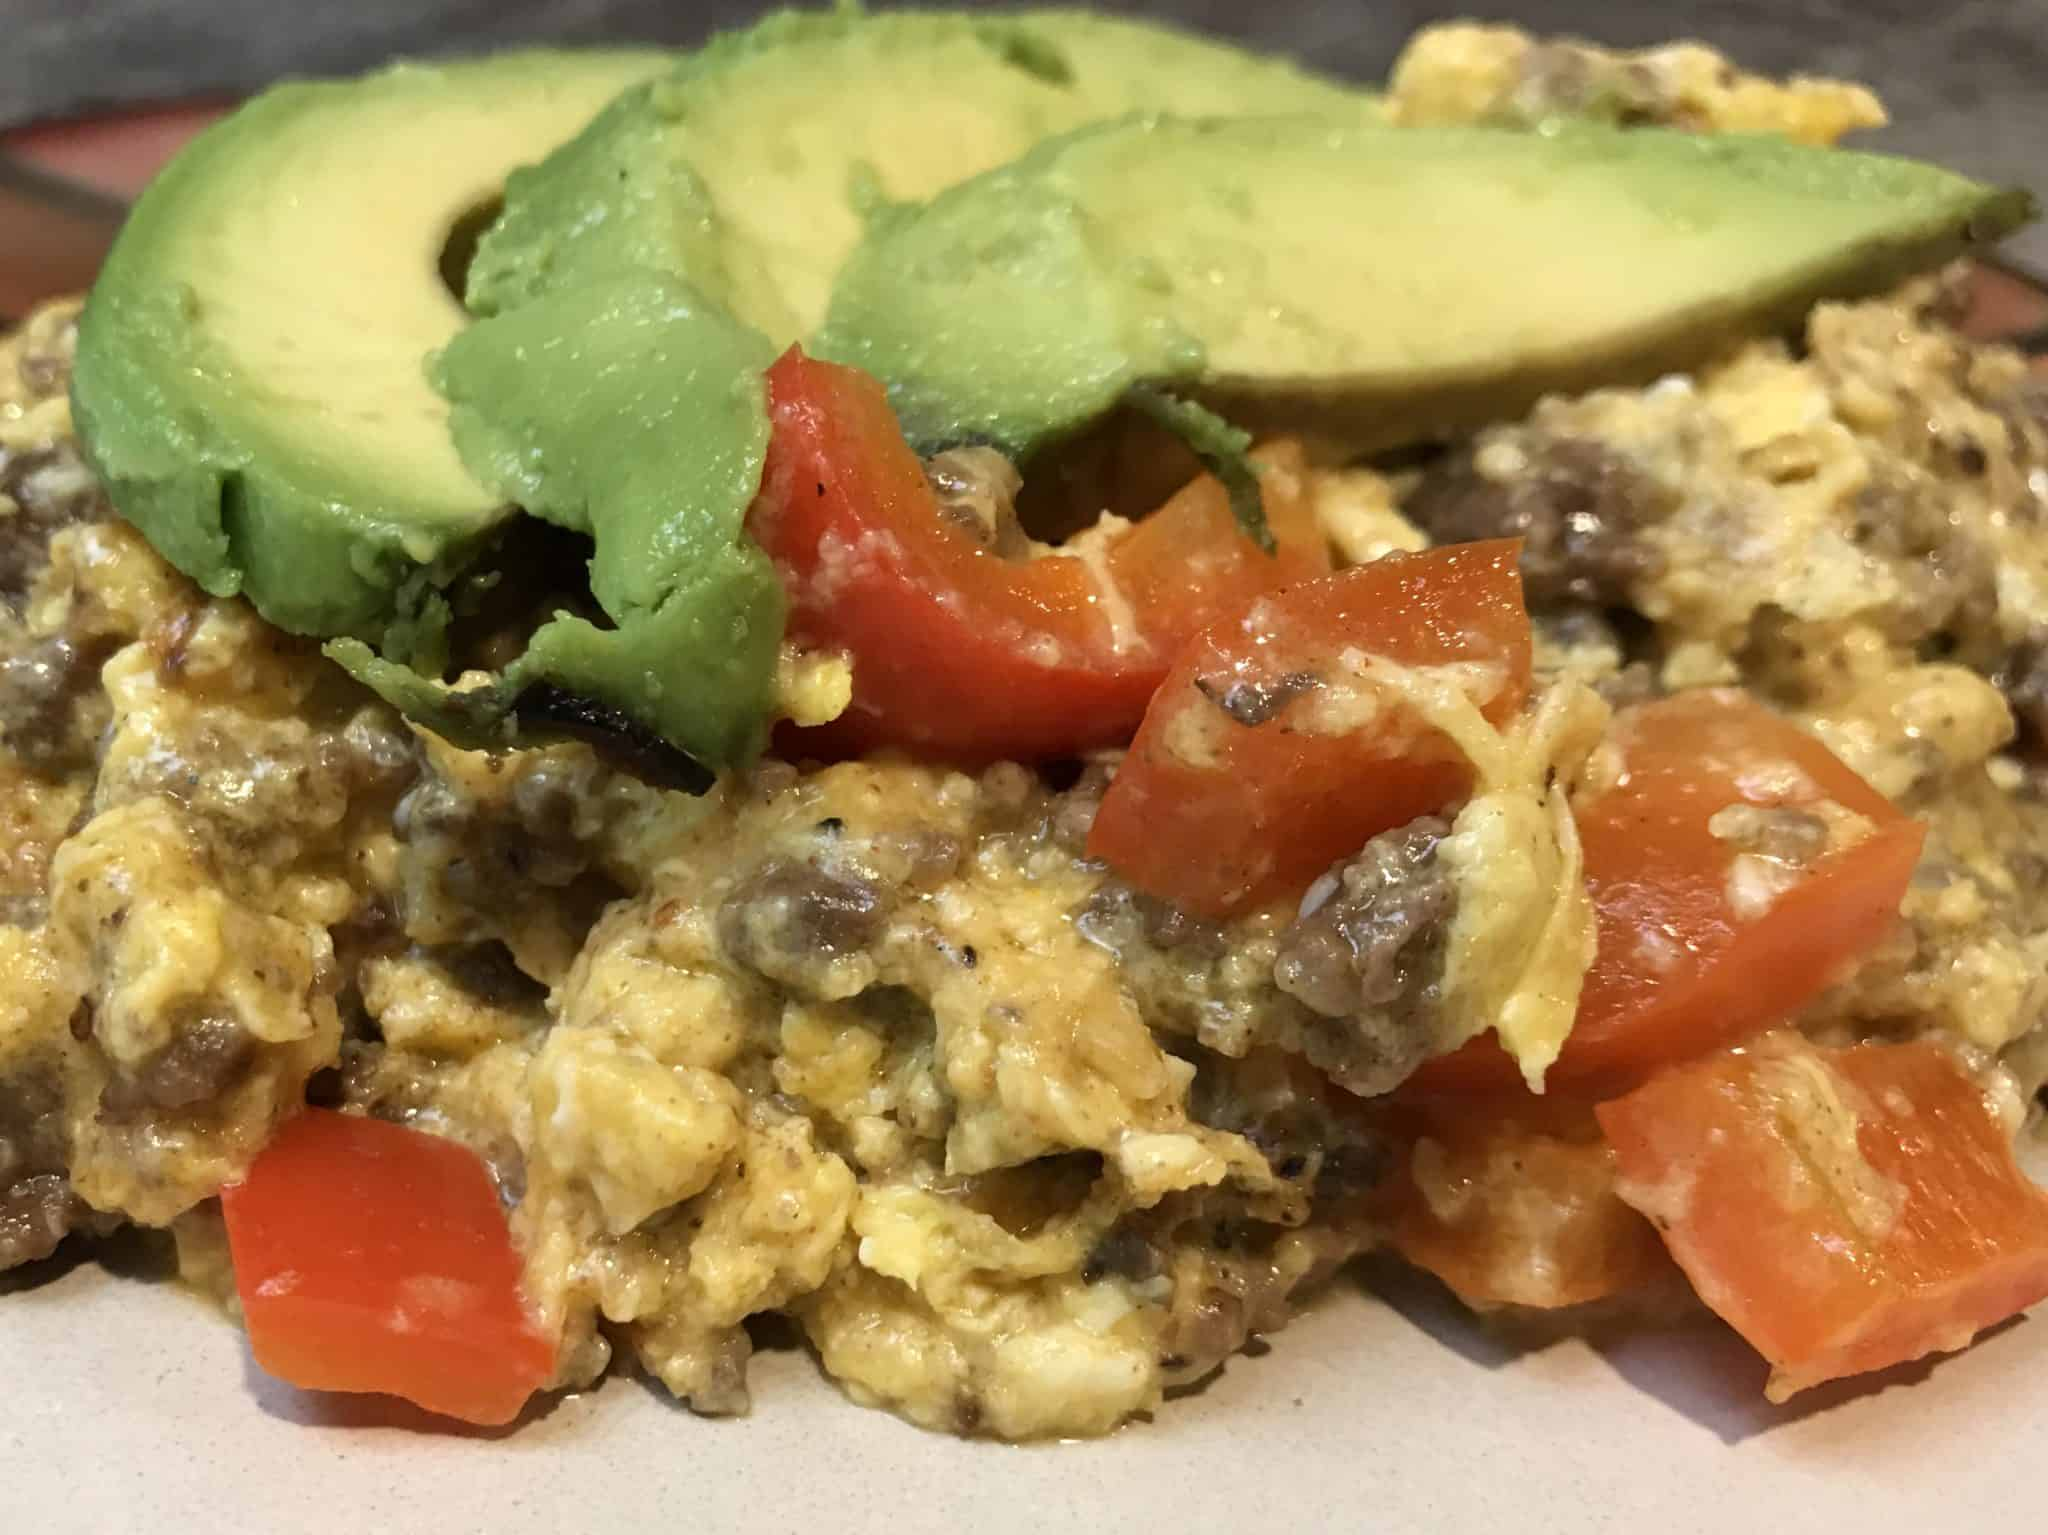 Southwestern Skillet Breakfast